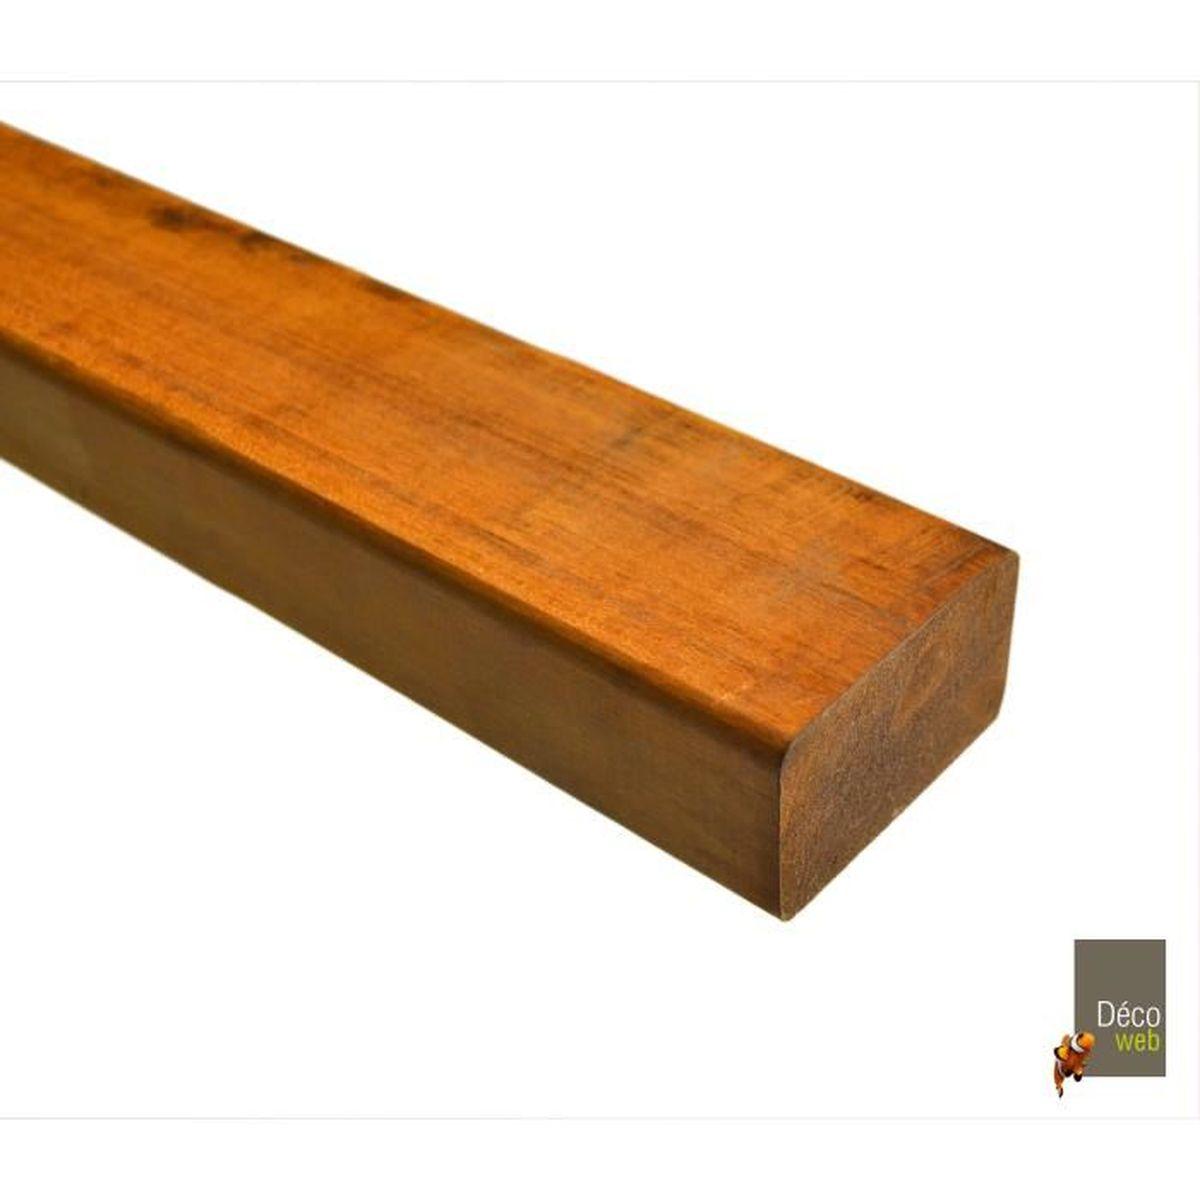 Vente Bois Pour Terrasse lot de 20 lambourdes en bois exotique pour terrasse - 150 cm